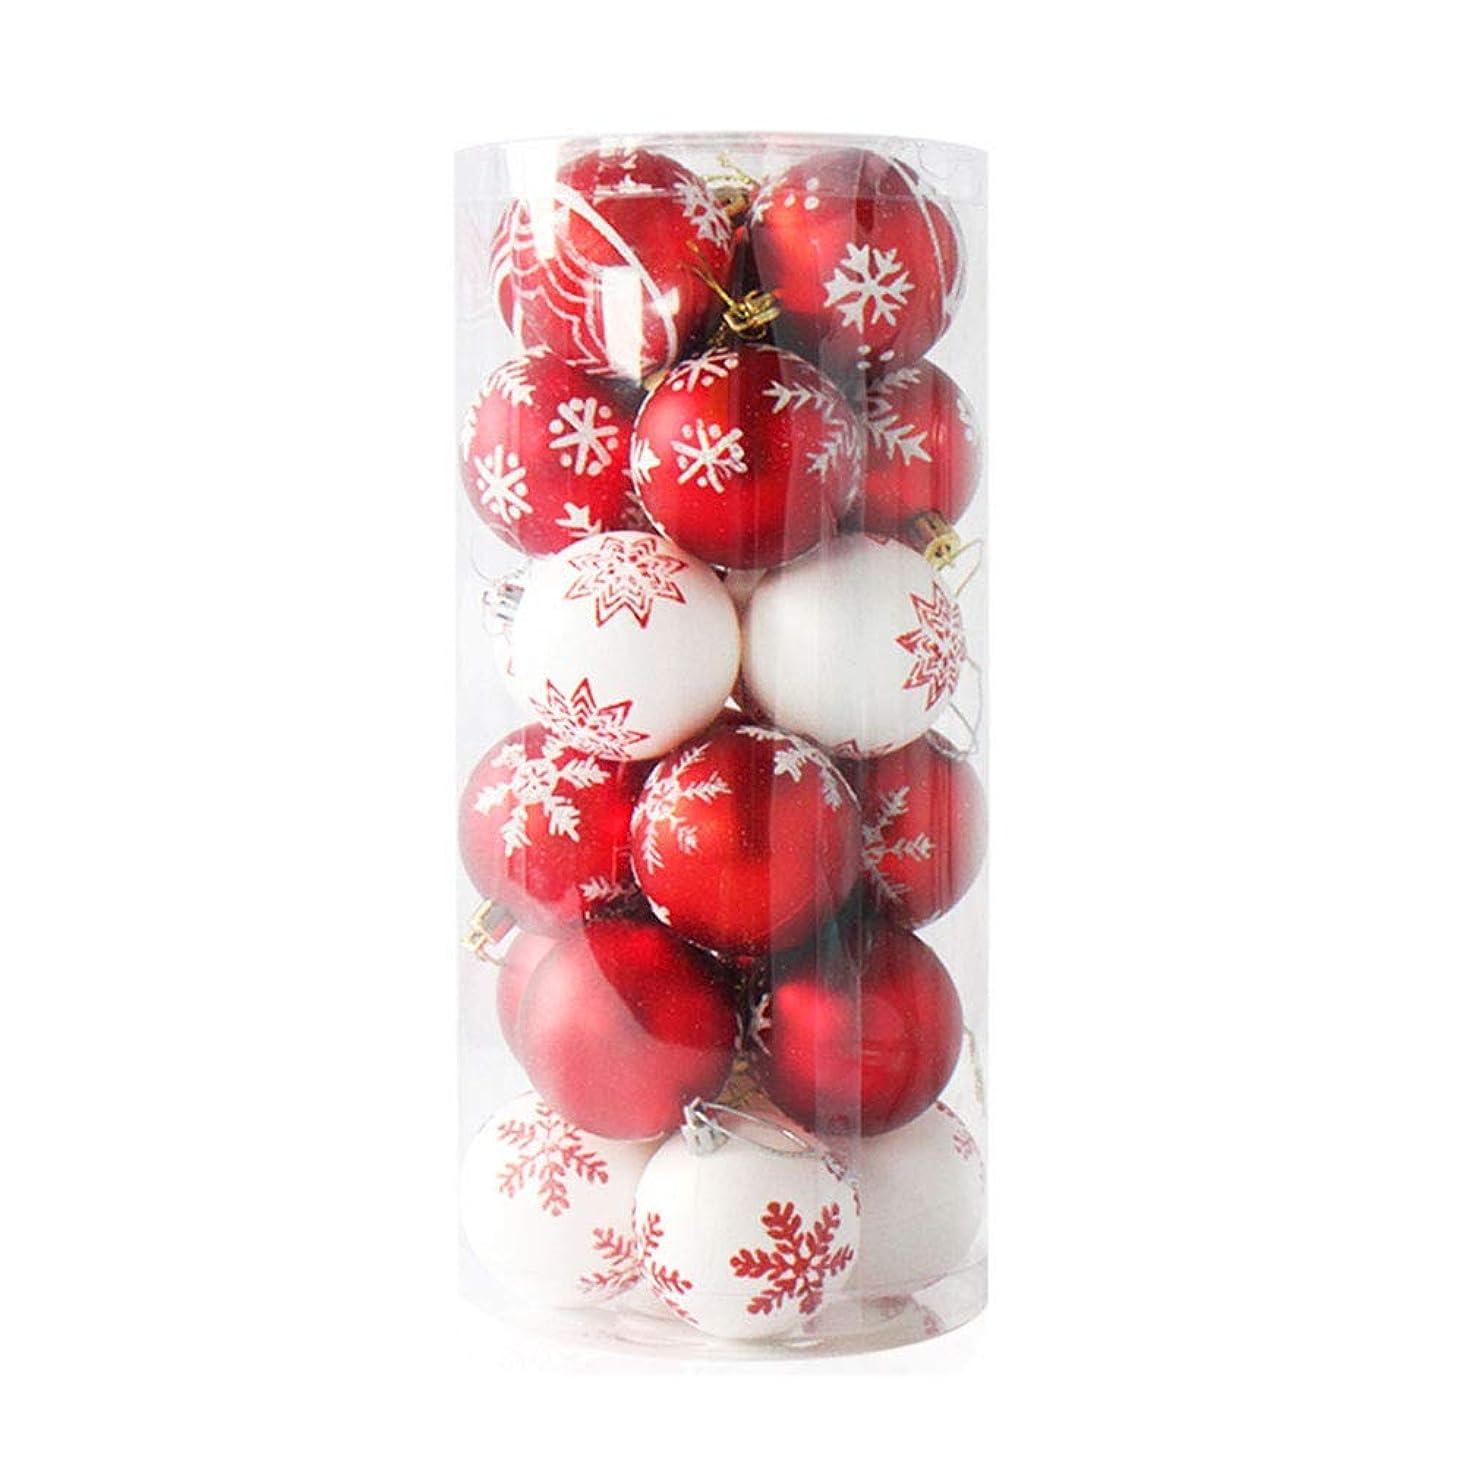 モトリー難民気がついてクリスマス オーナメント ボール クリスマスツリー 飾り 24個セット 直径6CM デコレーション パーティー イベント ラグジュアリー 北欧風 (タイプ3)